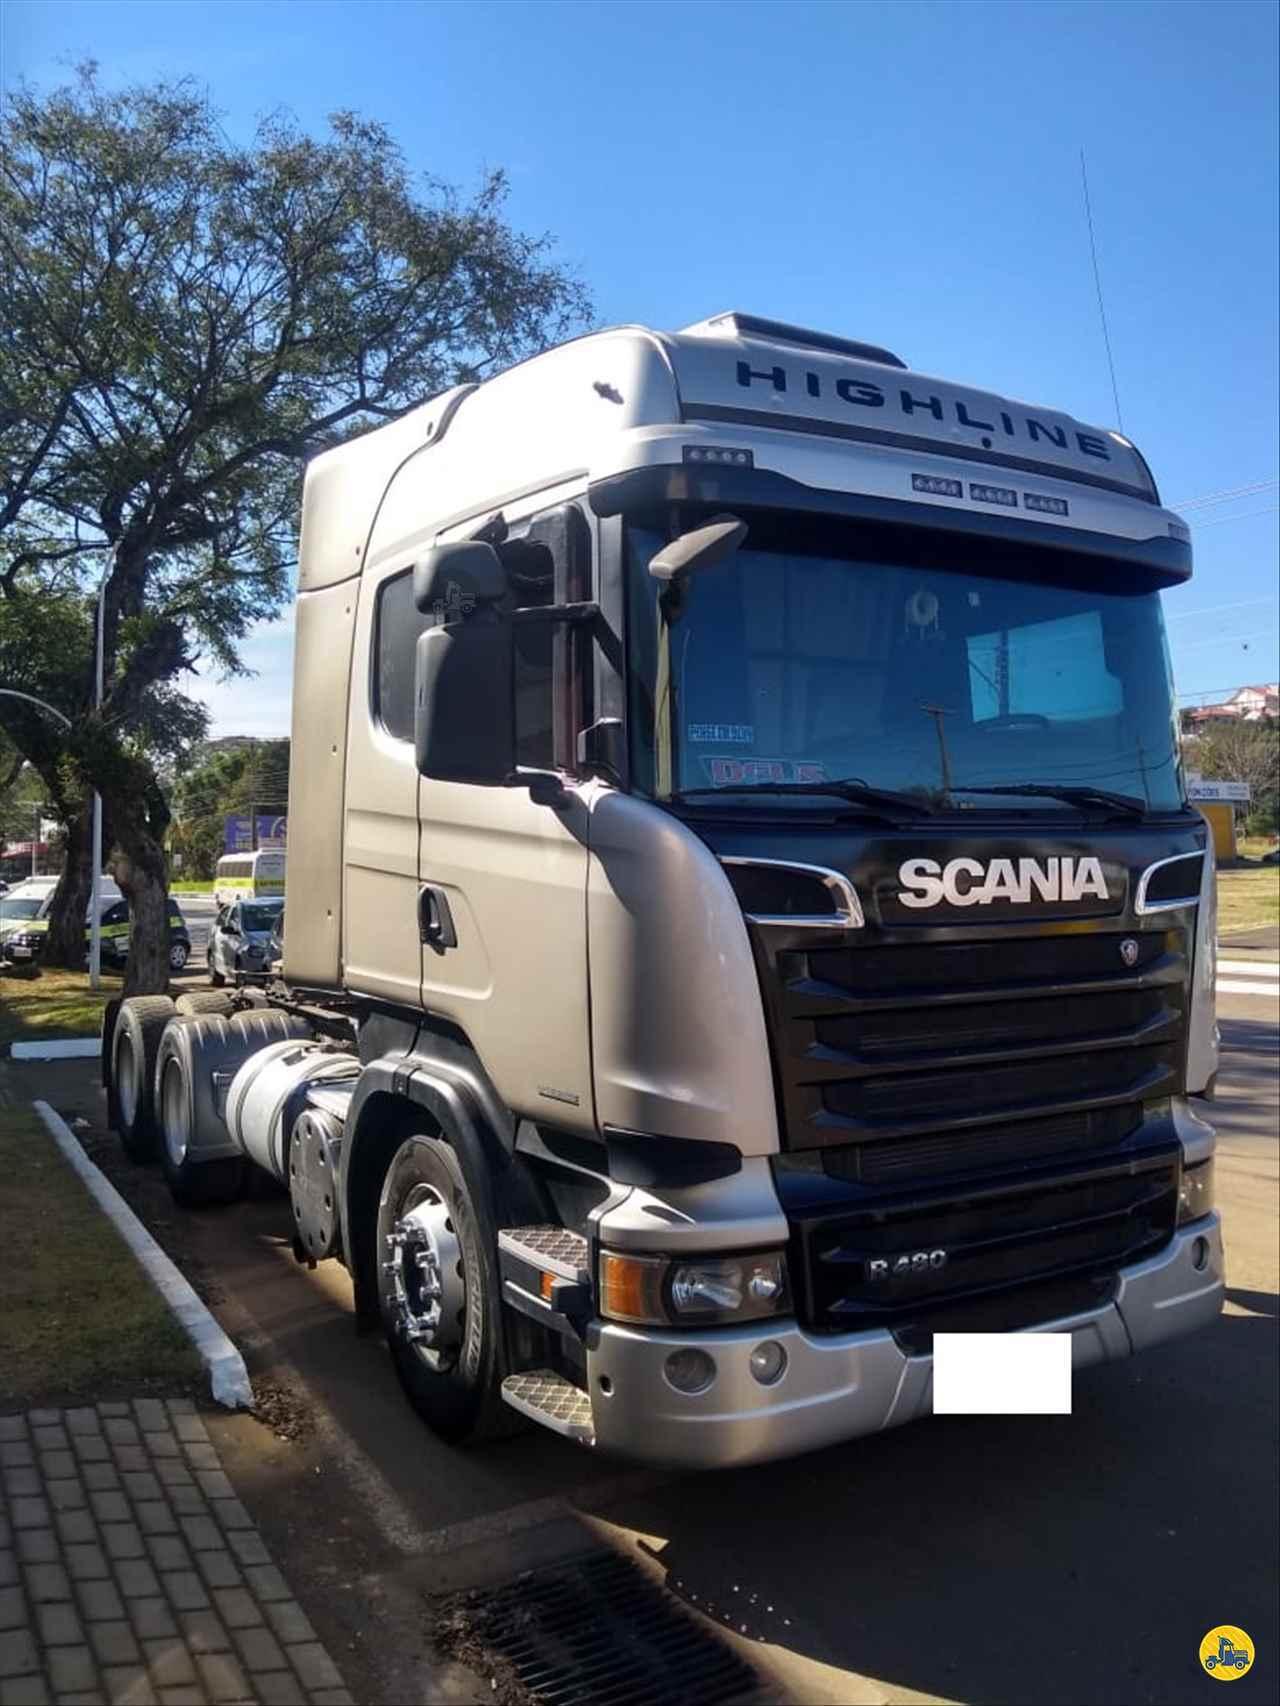 CAMINHAO SCANIA SCANIA 480 Cavalo Mecânico Traçado 6x4 Transmap Caminhões SANTA ROSA RIO GRANDE DO SUL RS